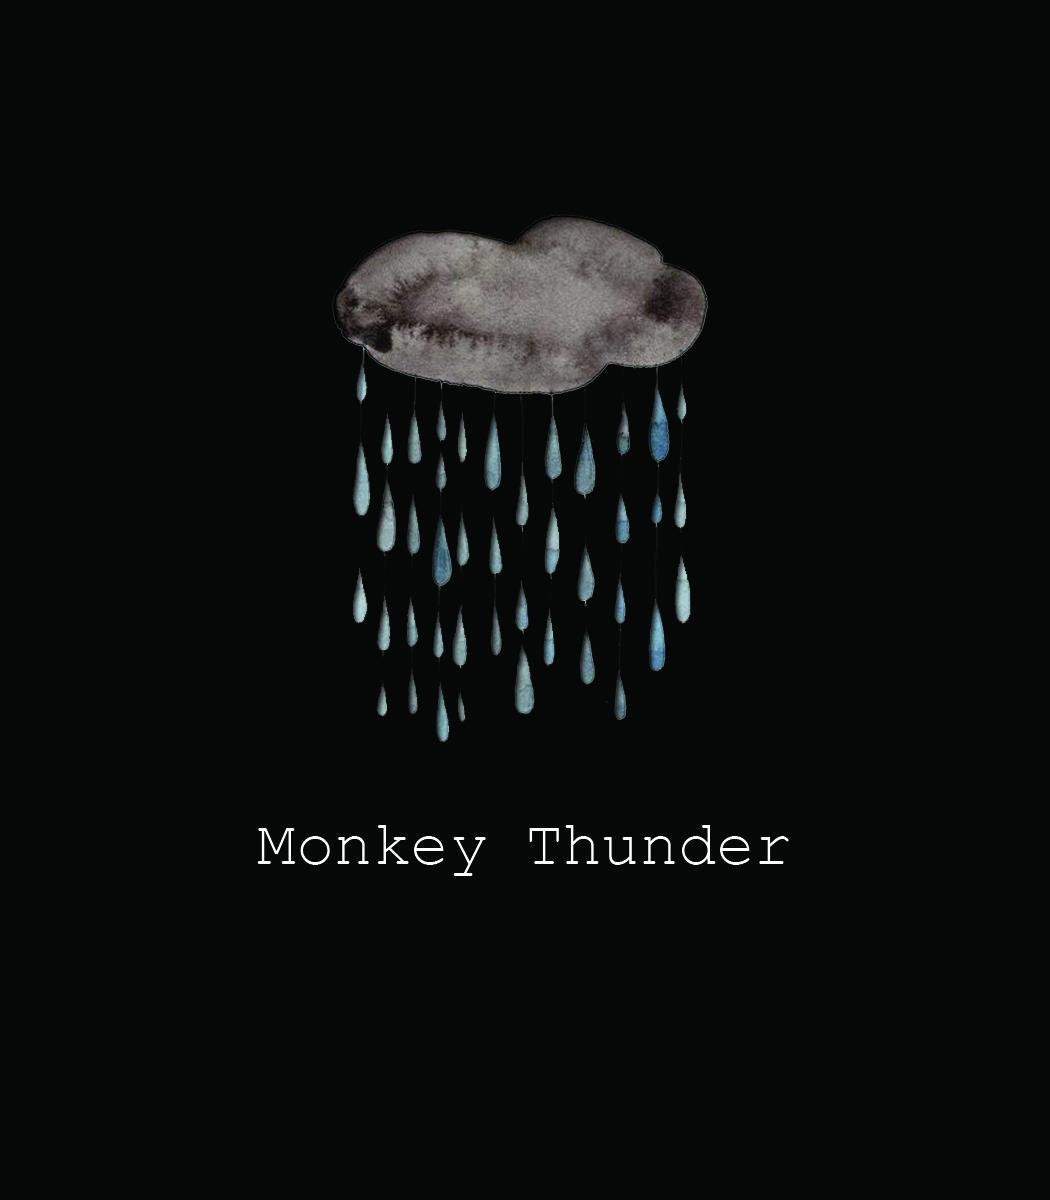 Monkey Thunder